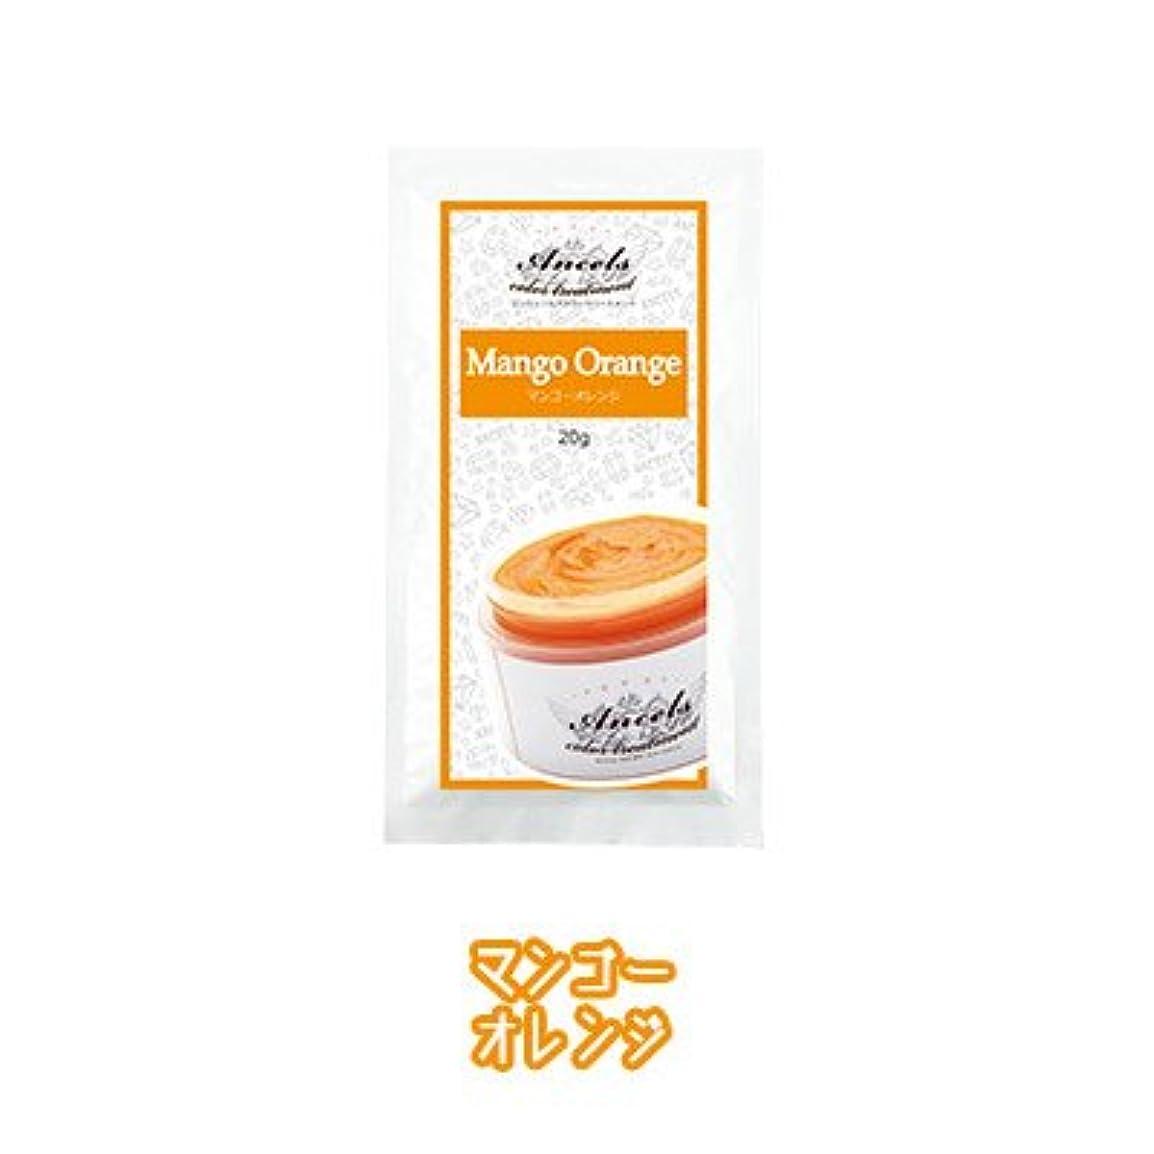 薬局正規化欺エンシェールズ カラートリートメントバター プチ(お試しサイズ) マンゴーオレンジ 20g